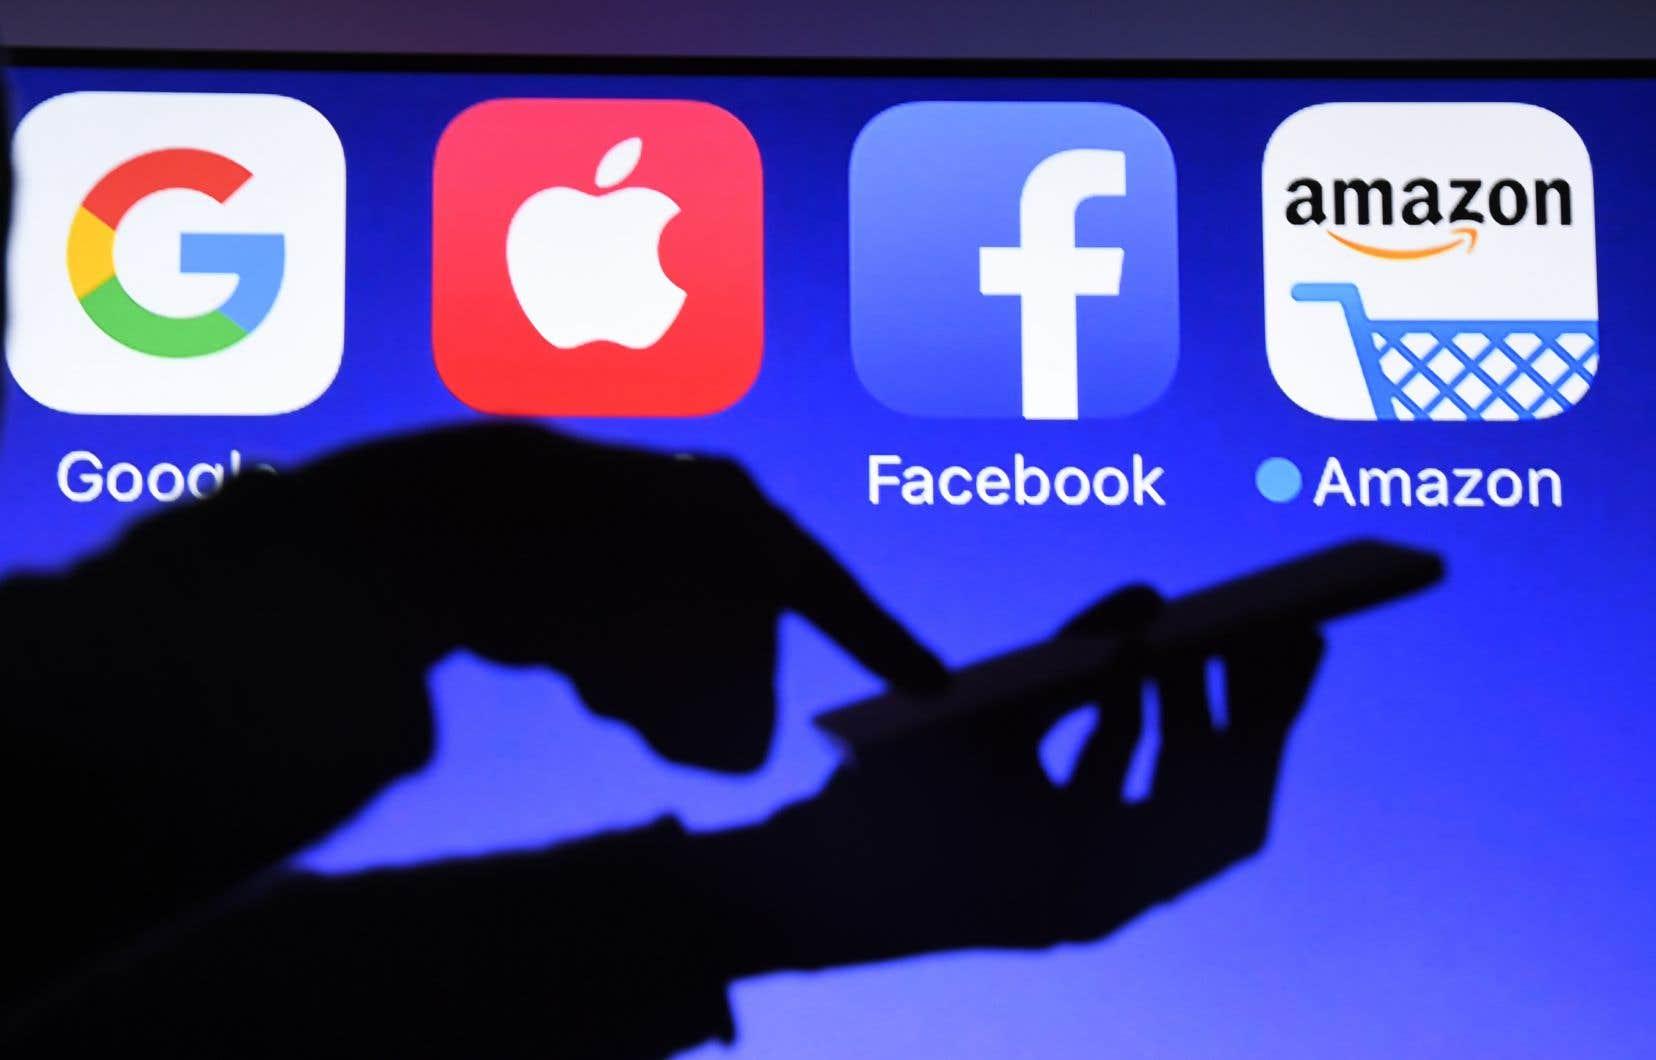 Les géants de la technologie tels que Google, Facebook, Amazon et Apple sont accusés d'être trop puissants, voire monopolistiques.